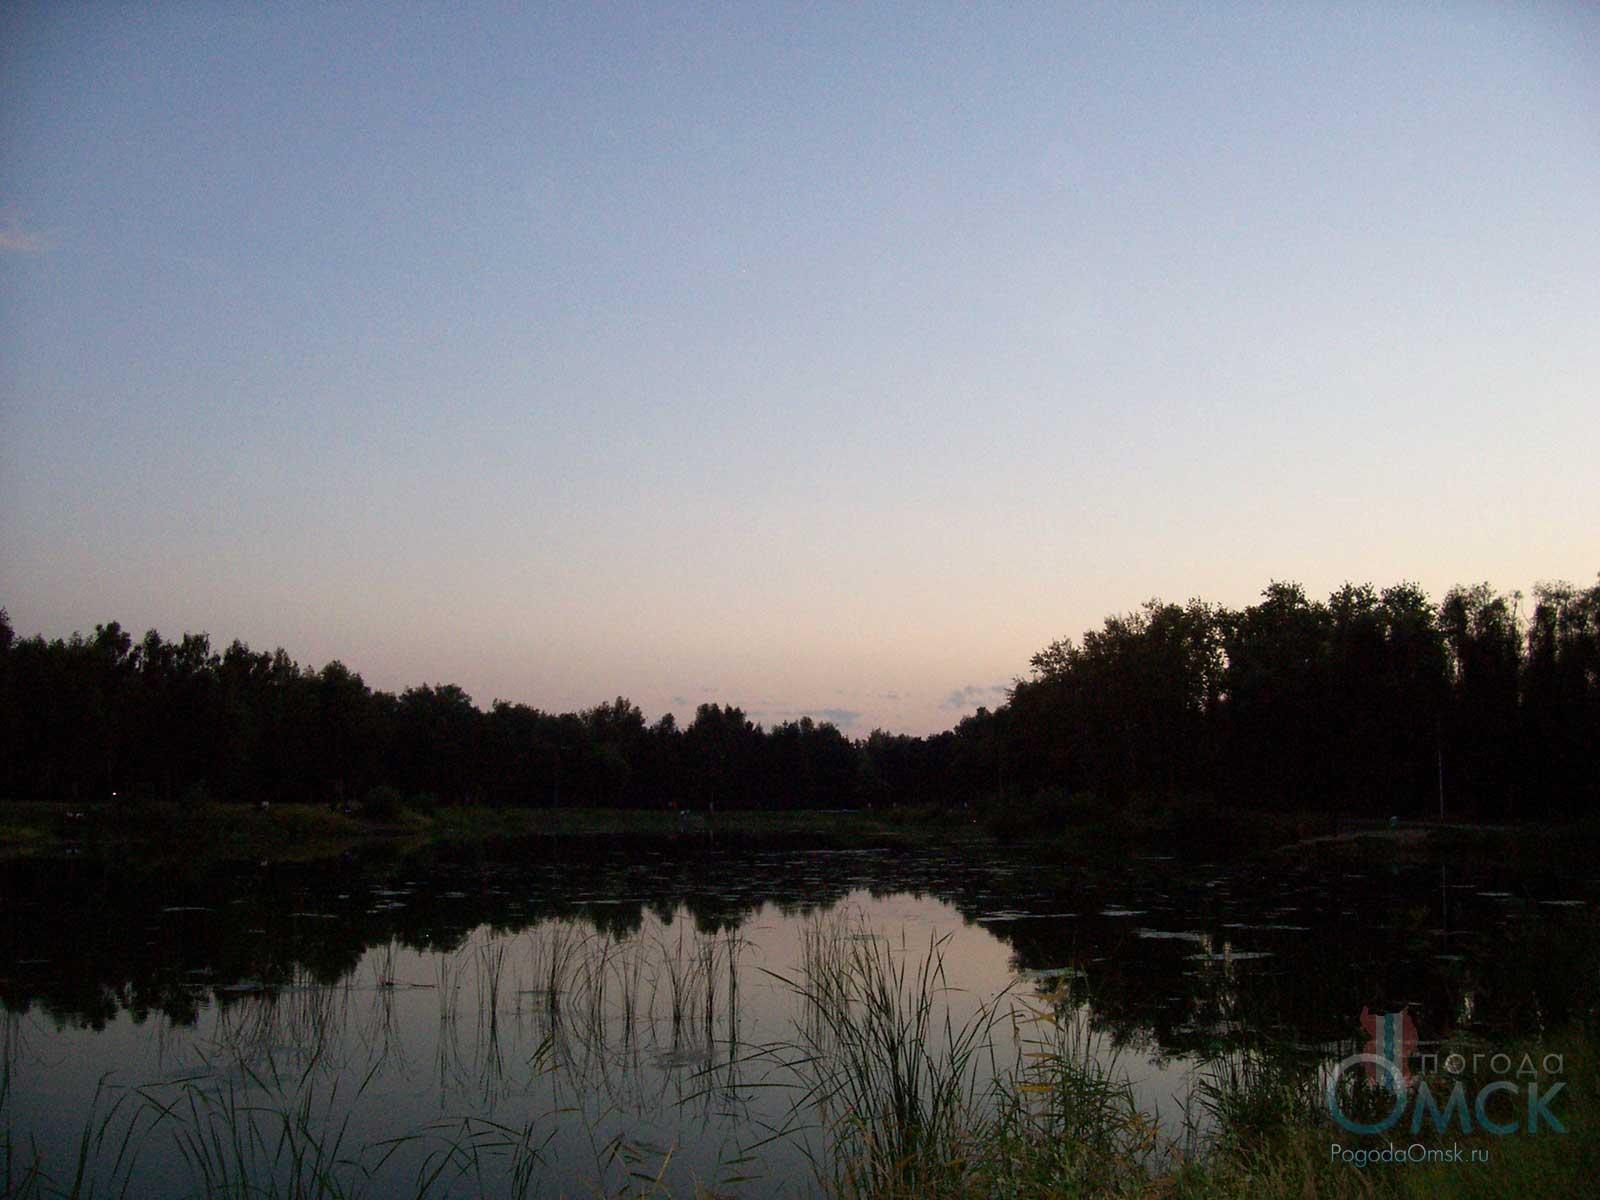 Вид на озеро летним вечером